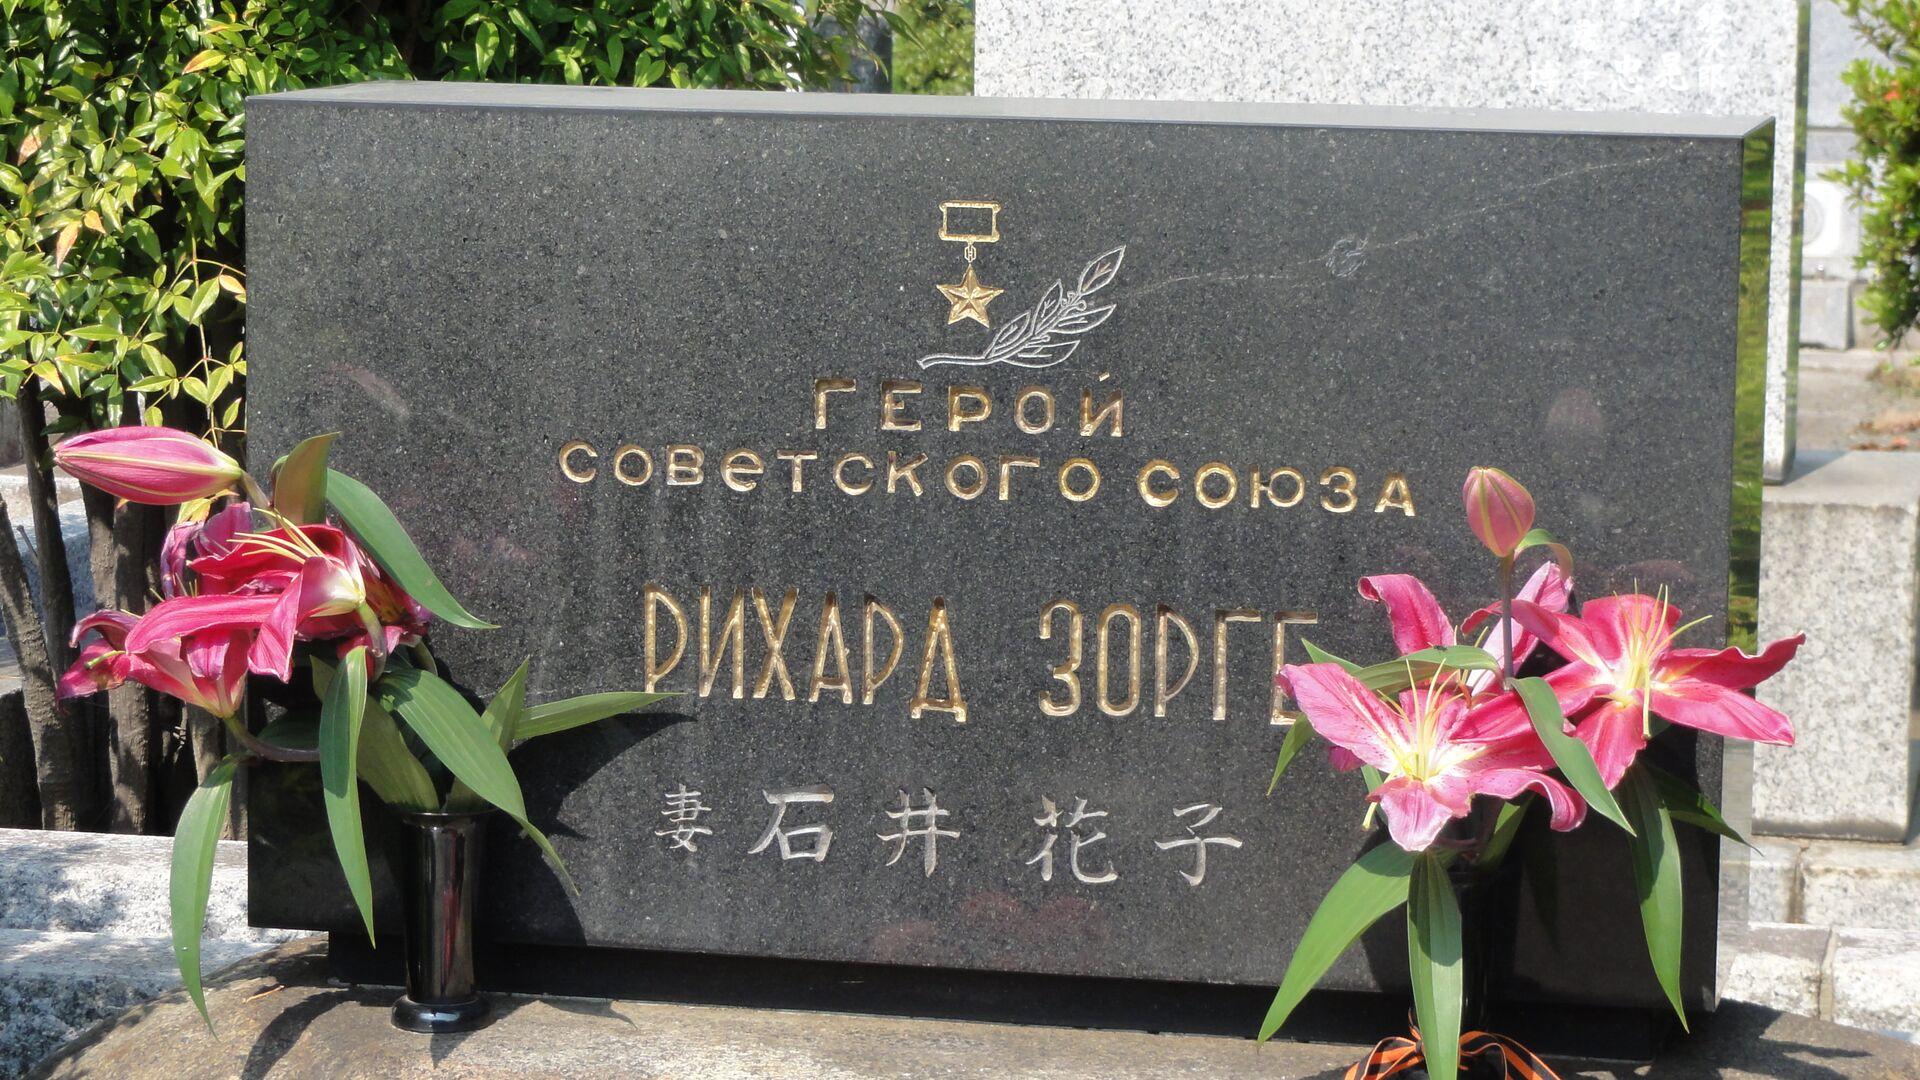 Могила Рихарда Зорге в Японии - РИА Новости, 1920, 29.10.2020